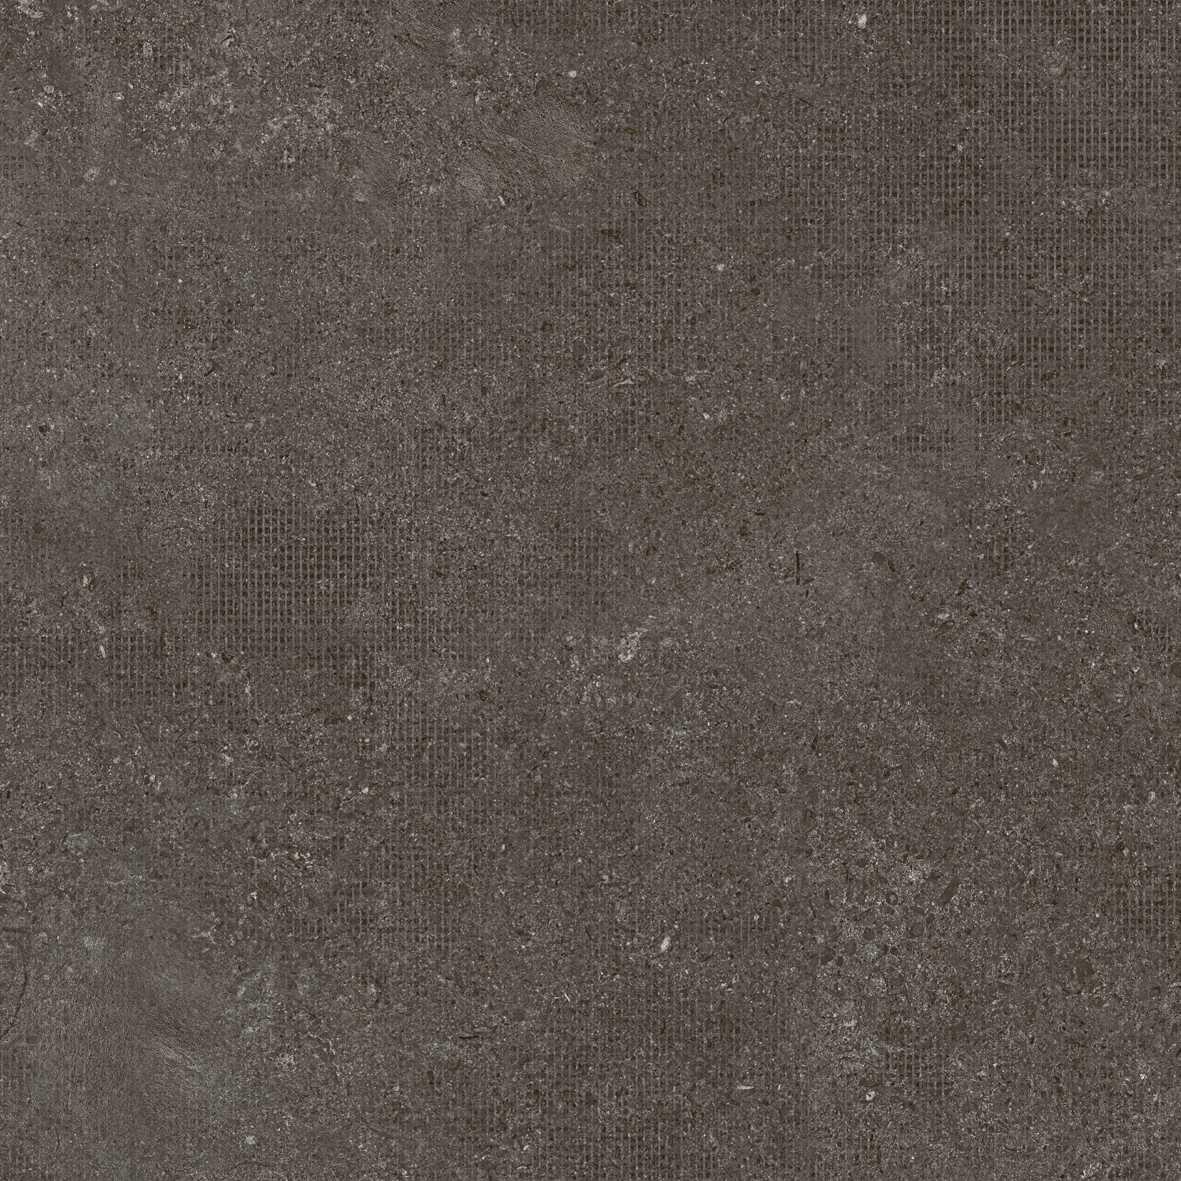 Variasi Aspen Gris  OutdoorOutdoor FlooringOutdoor Floor Tiles 4